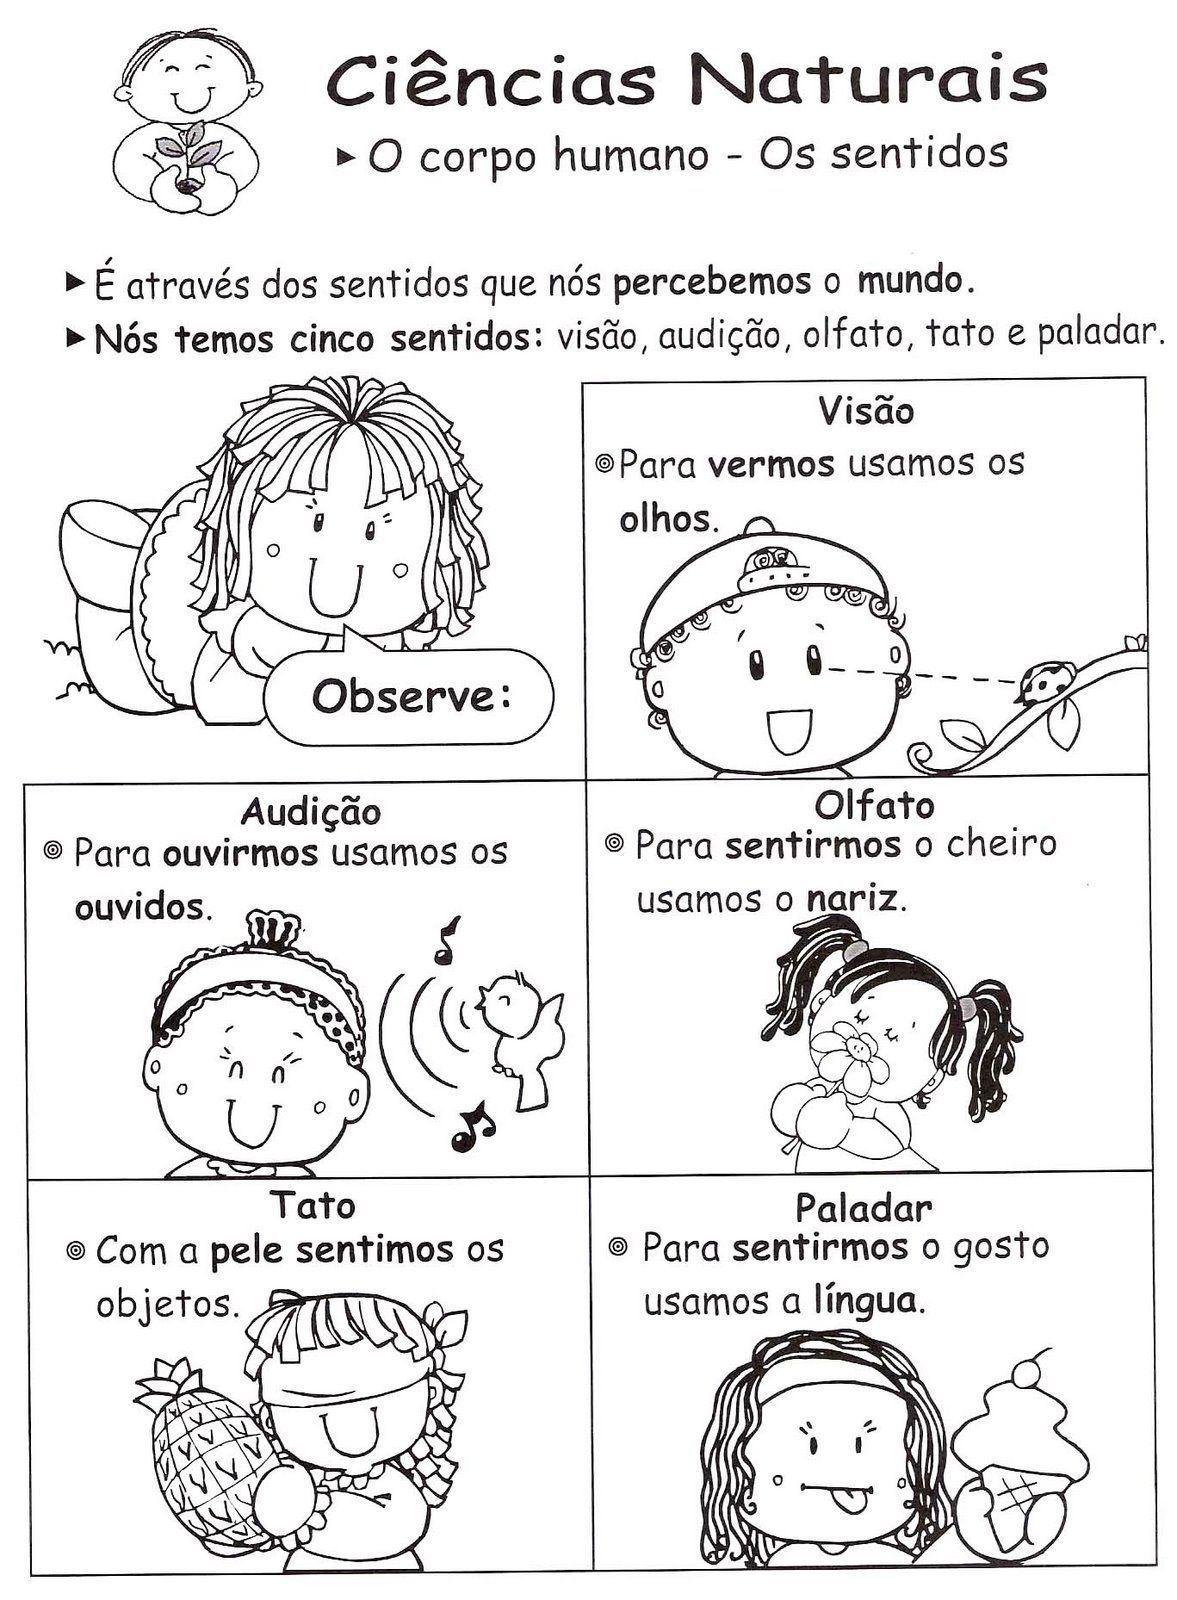 5 senses | brazilian portuguese | Pinterest | Desarrollo físico ...